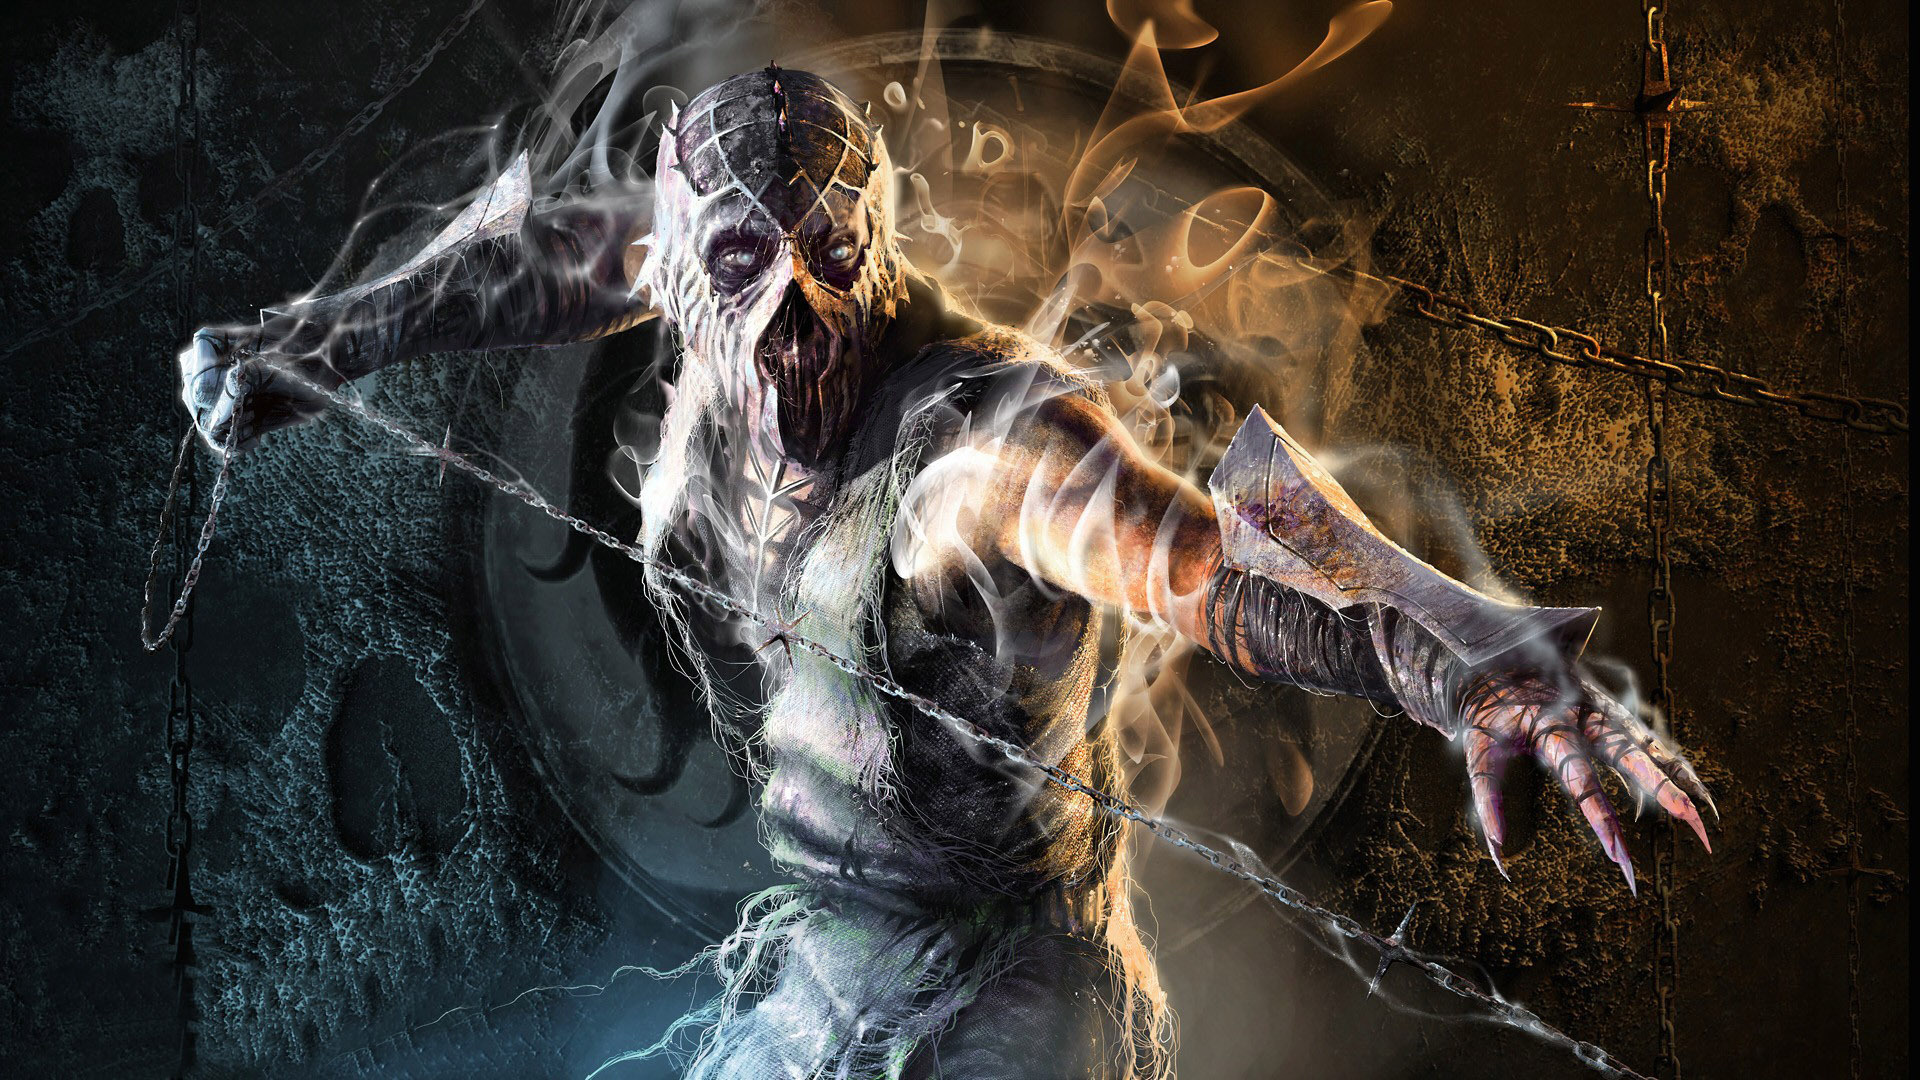 Scorpion Mortal Kombat Smoke Mk Fan Art 1920x1080 Wallpaper